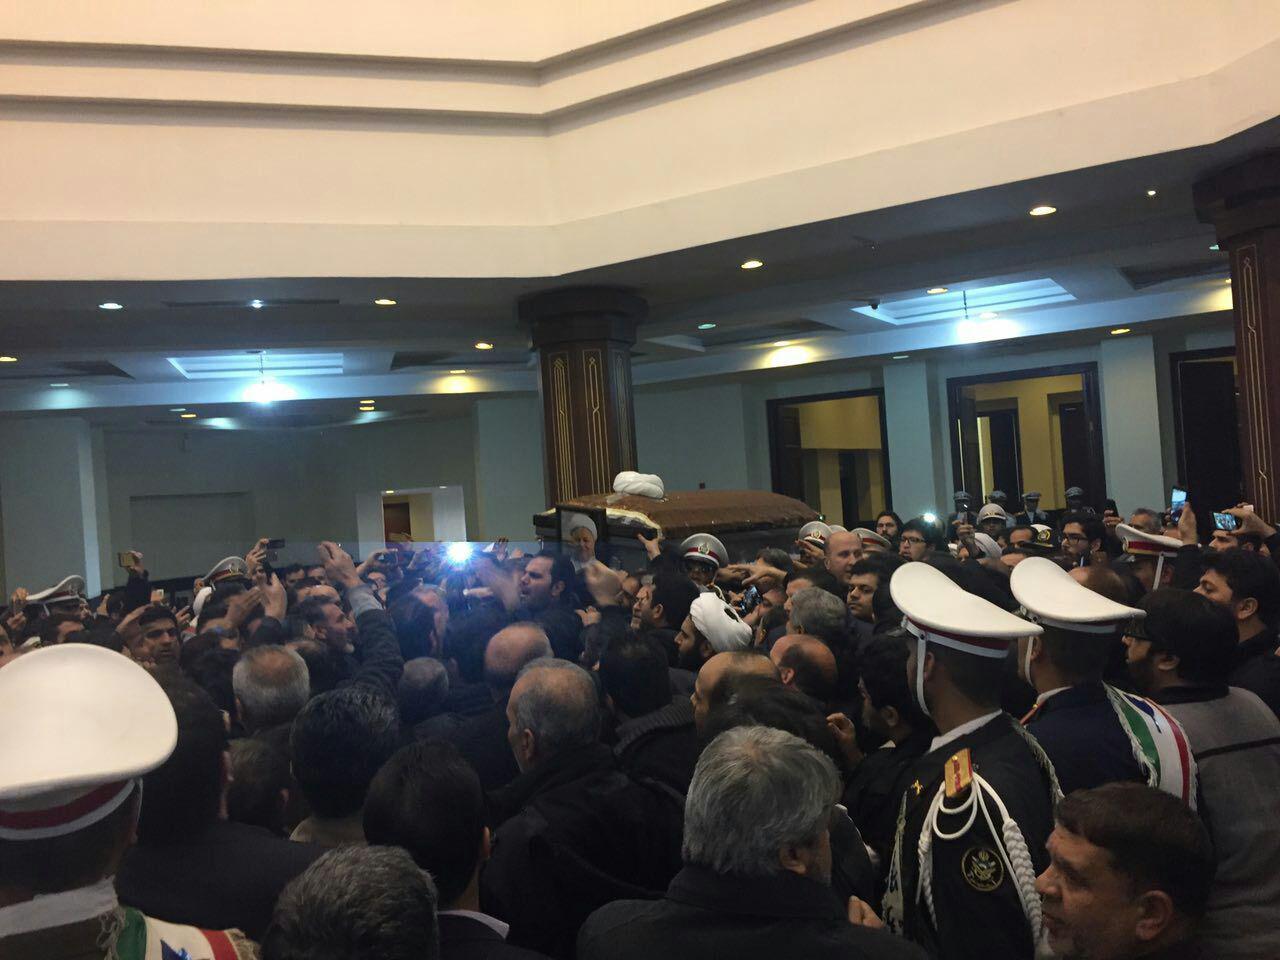 پیکر هاشمی وارد حرم امام خمینی شد / جمعیت میلیونی در مراسم تشییع (+عکس)